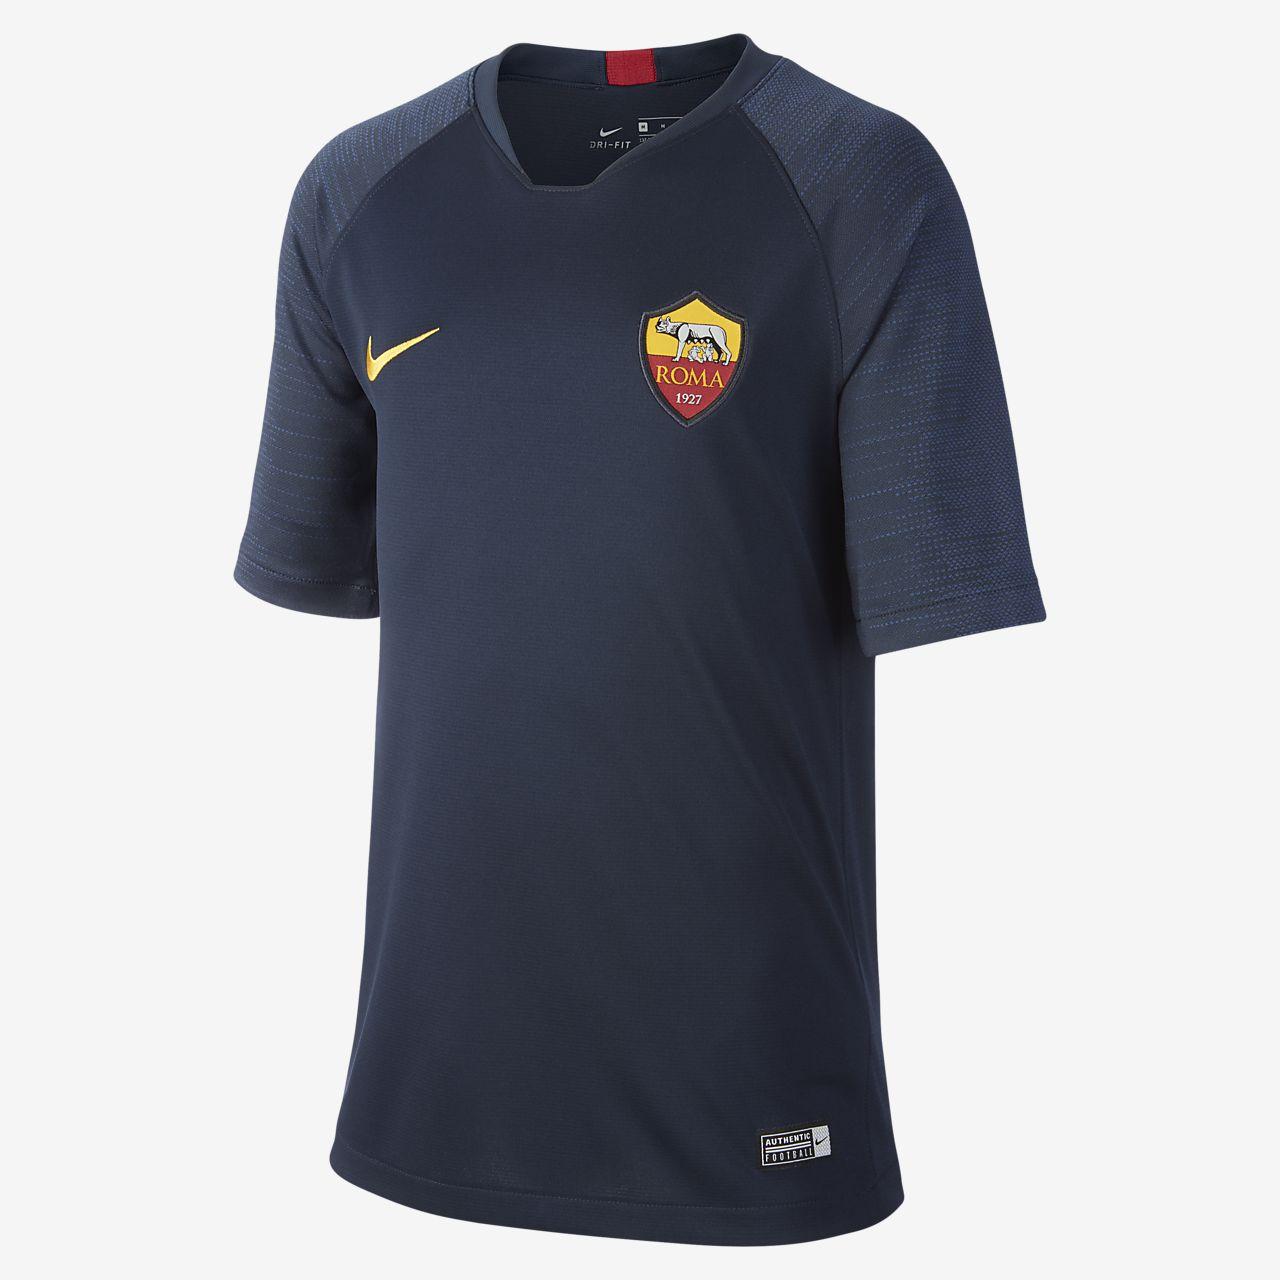 Haut de football à manches courtes Nike Breathe A.S. Roma Strike pour Enfant plus âgé